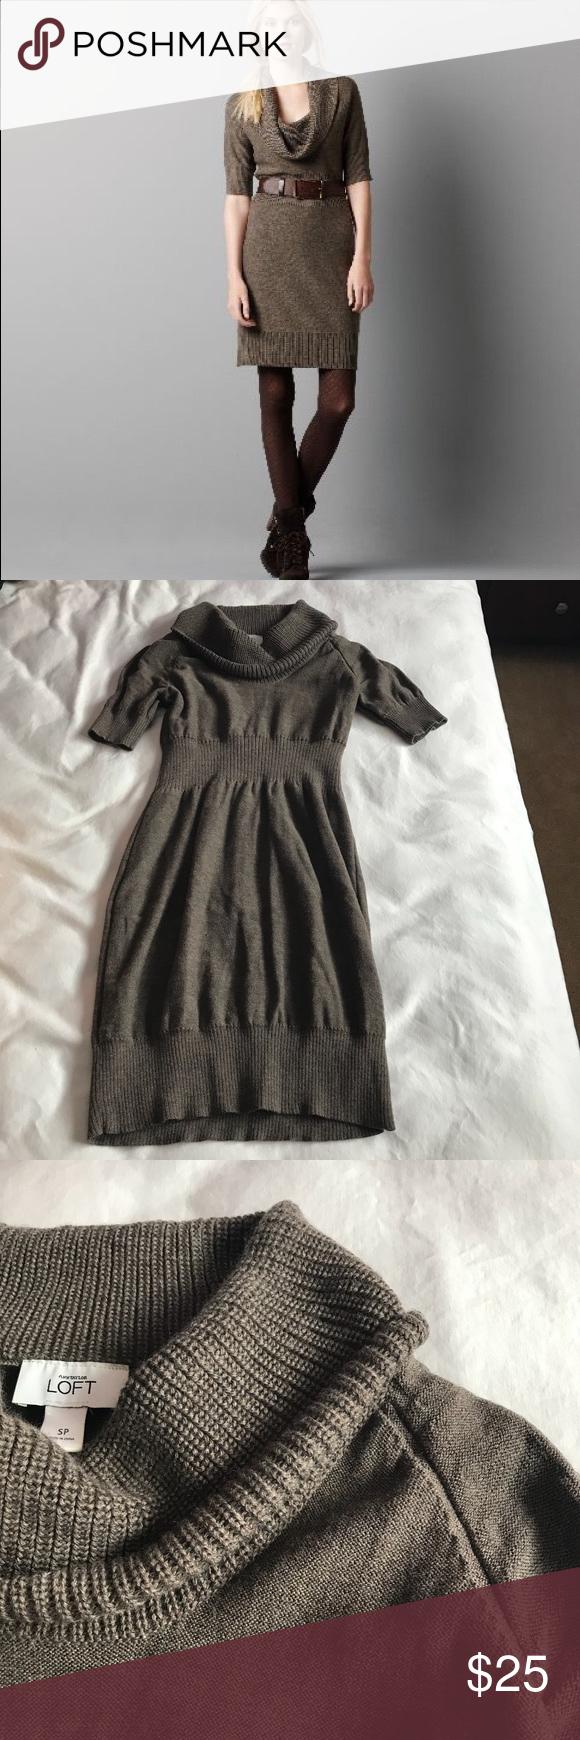 ab7e9378a8 Ann Taylor Loft crow neck cable sweater dress SP Super cute knit dress.  Size small petite. LOFT Dresses Midi